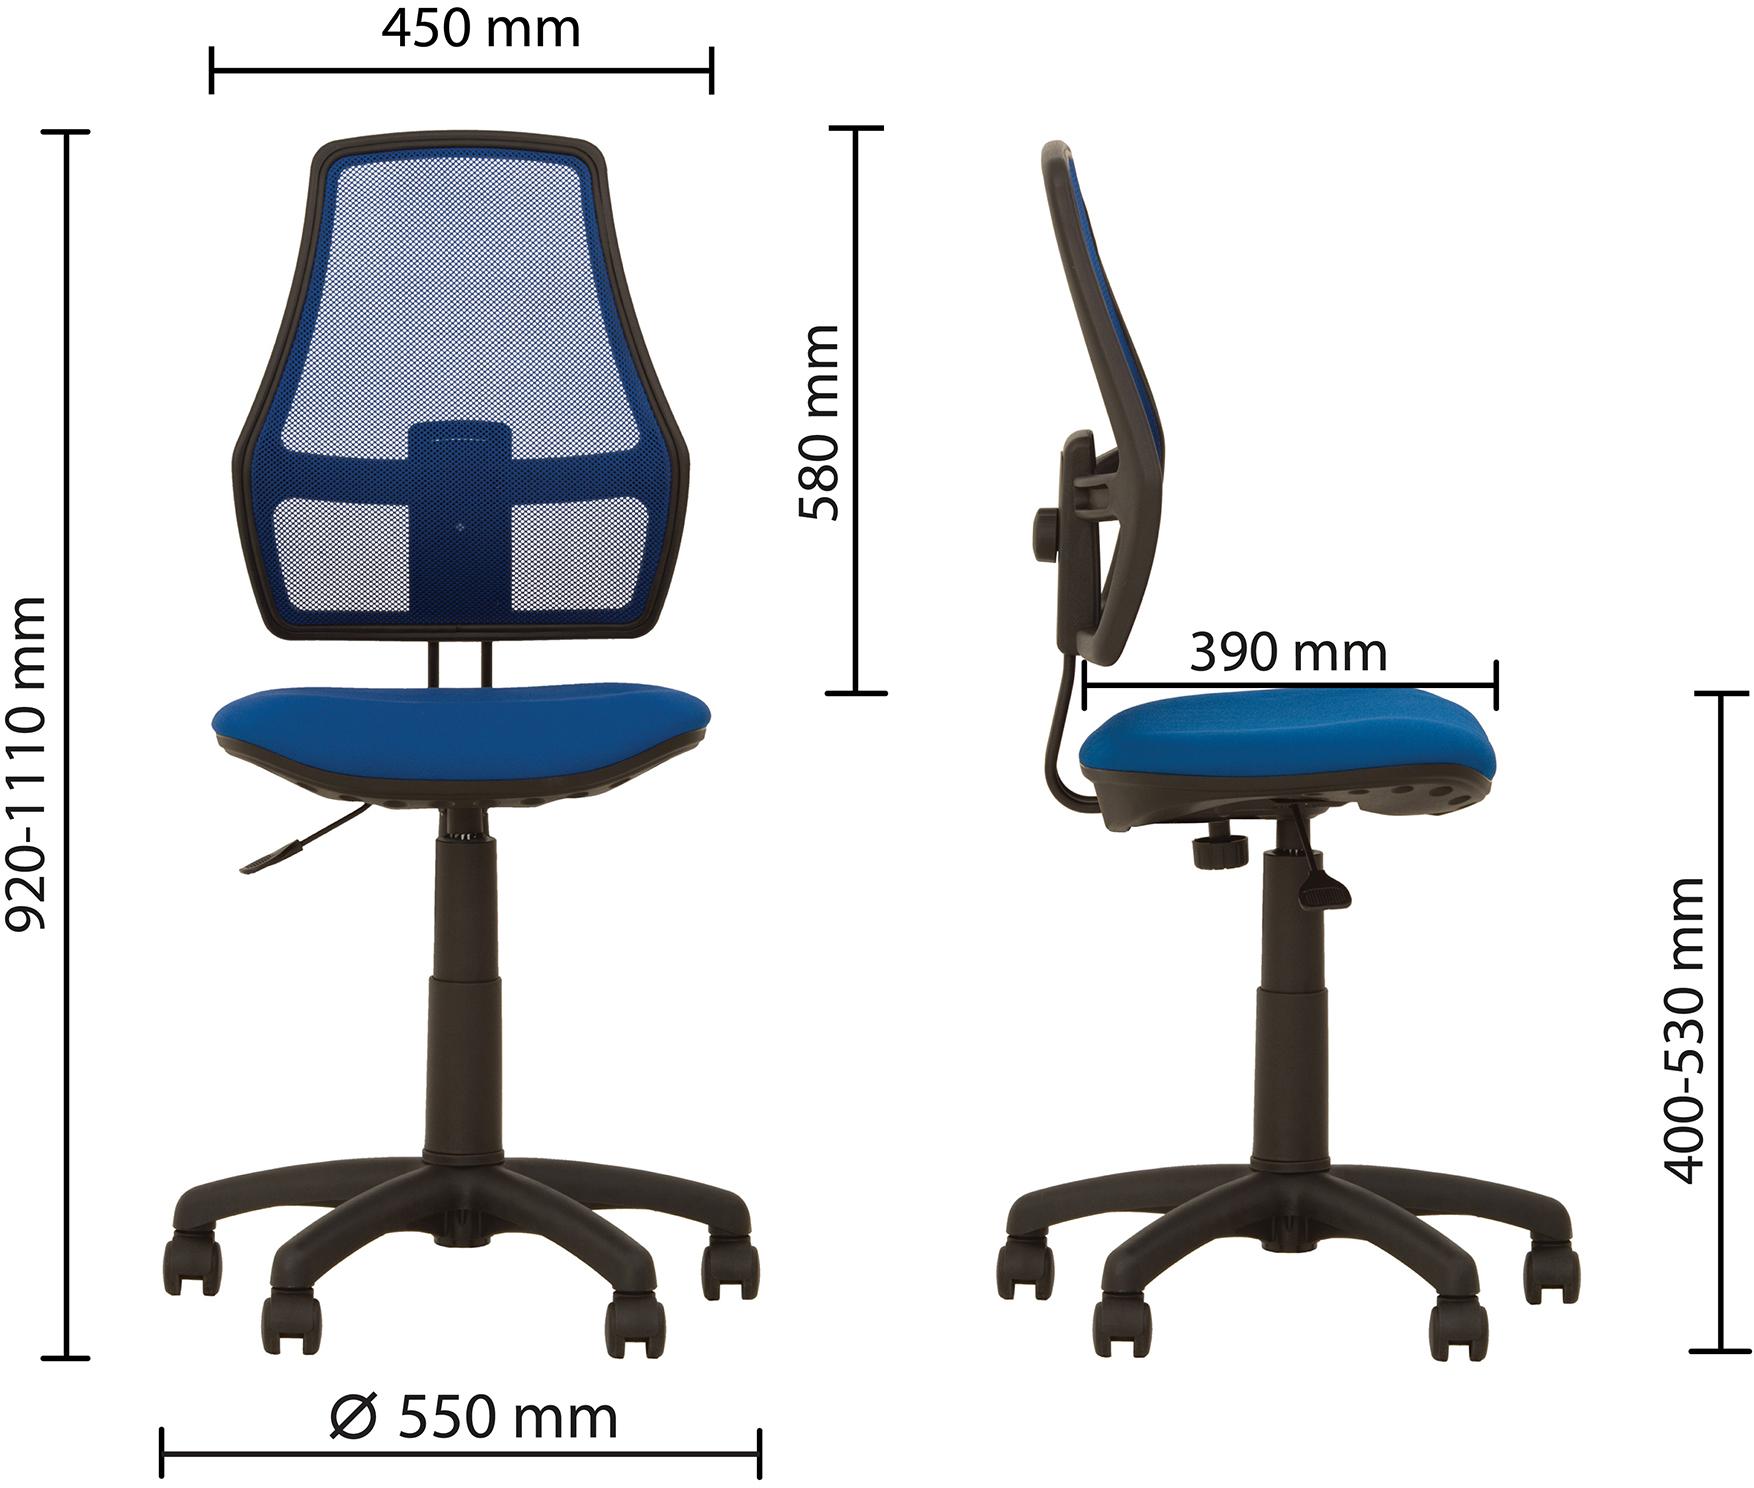 размеры детского кресла Фокс